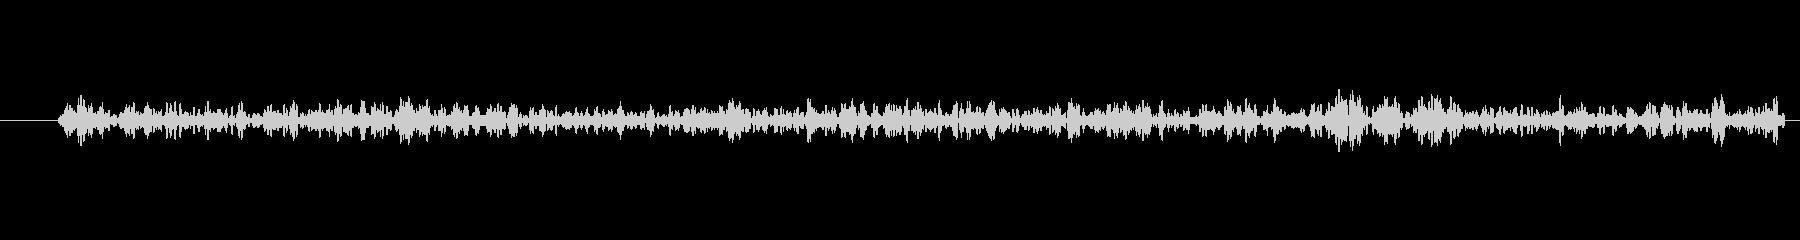 部屋 環境音 低ノイズ崩壊01の未再生の波形